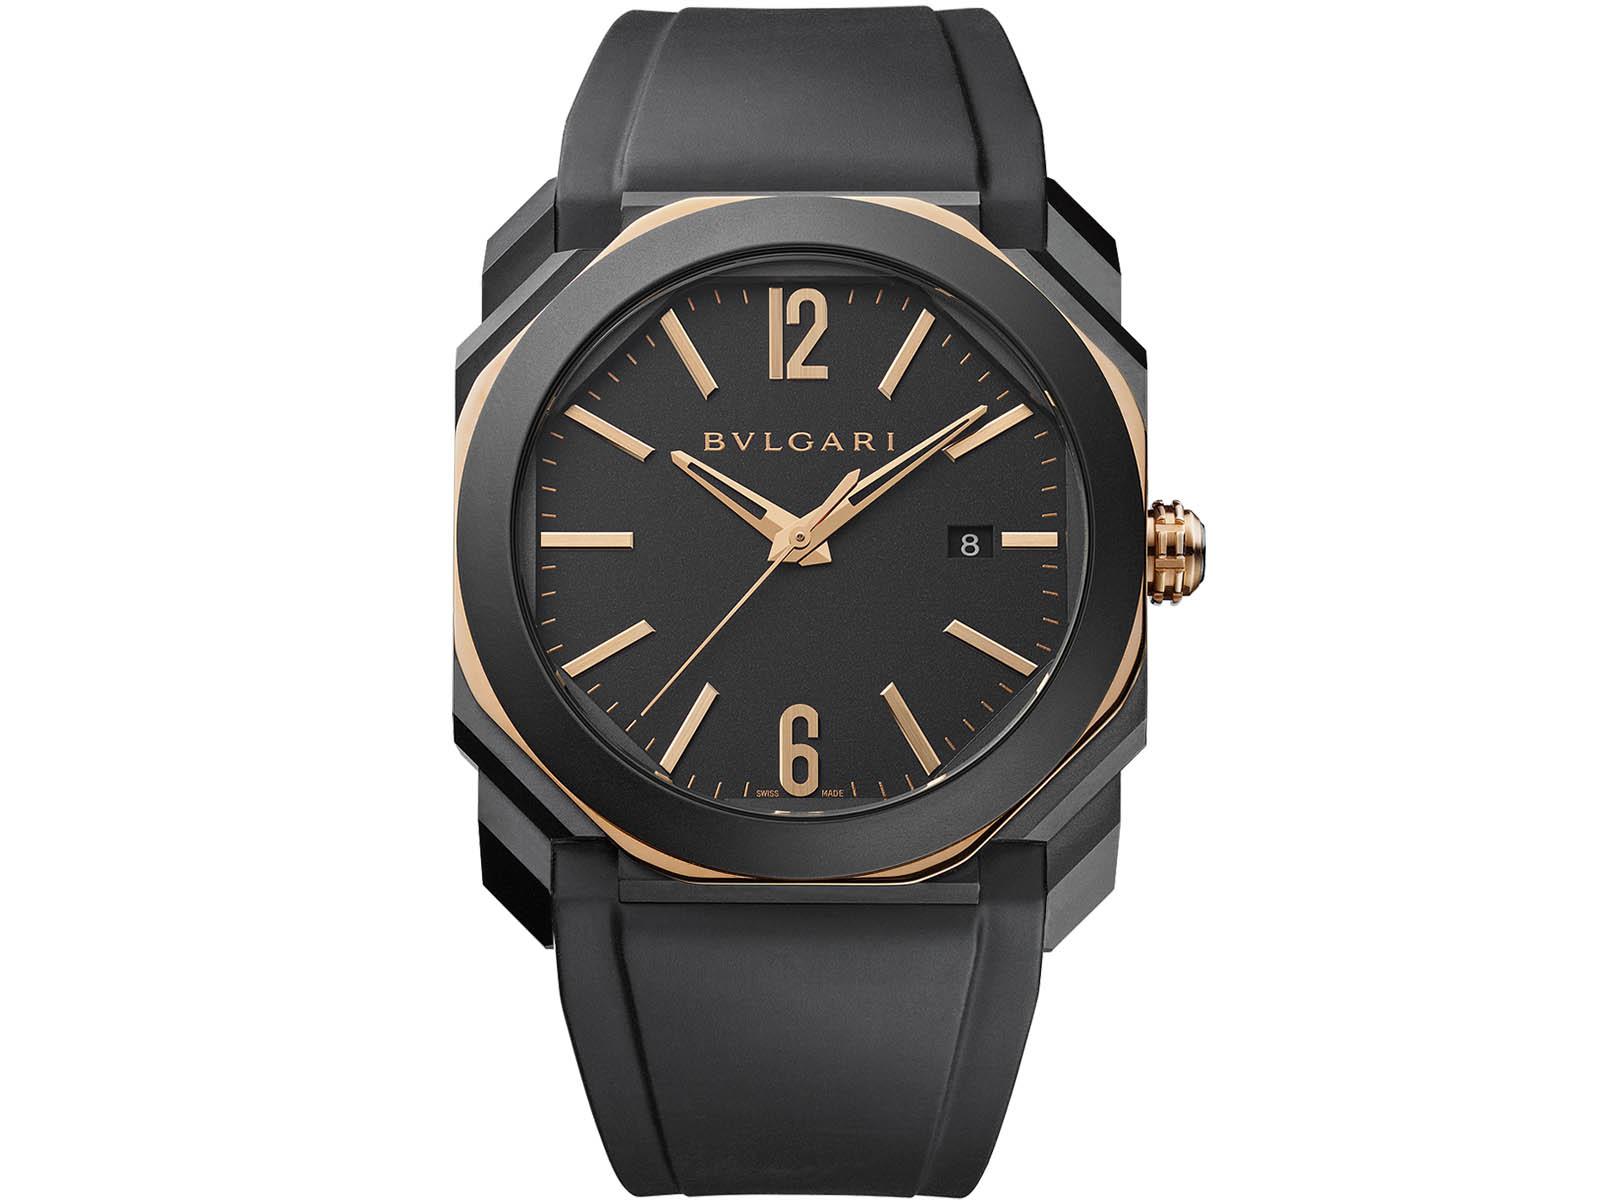 103085-bulgari-l-originale-chronograph-2.jpg